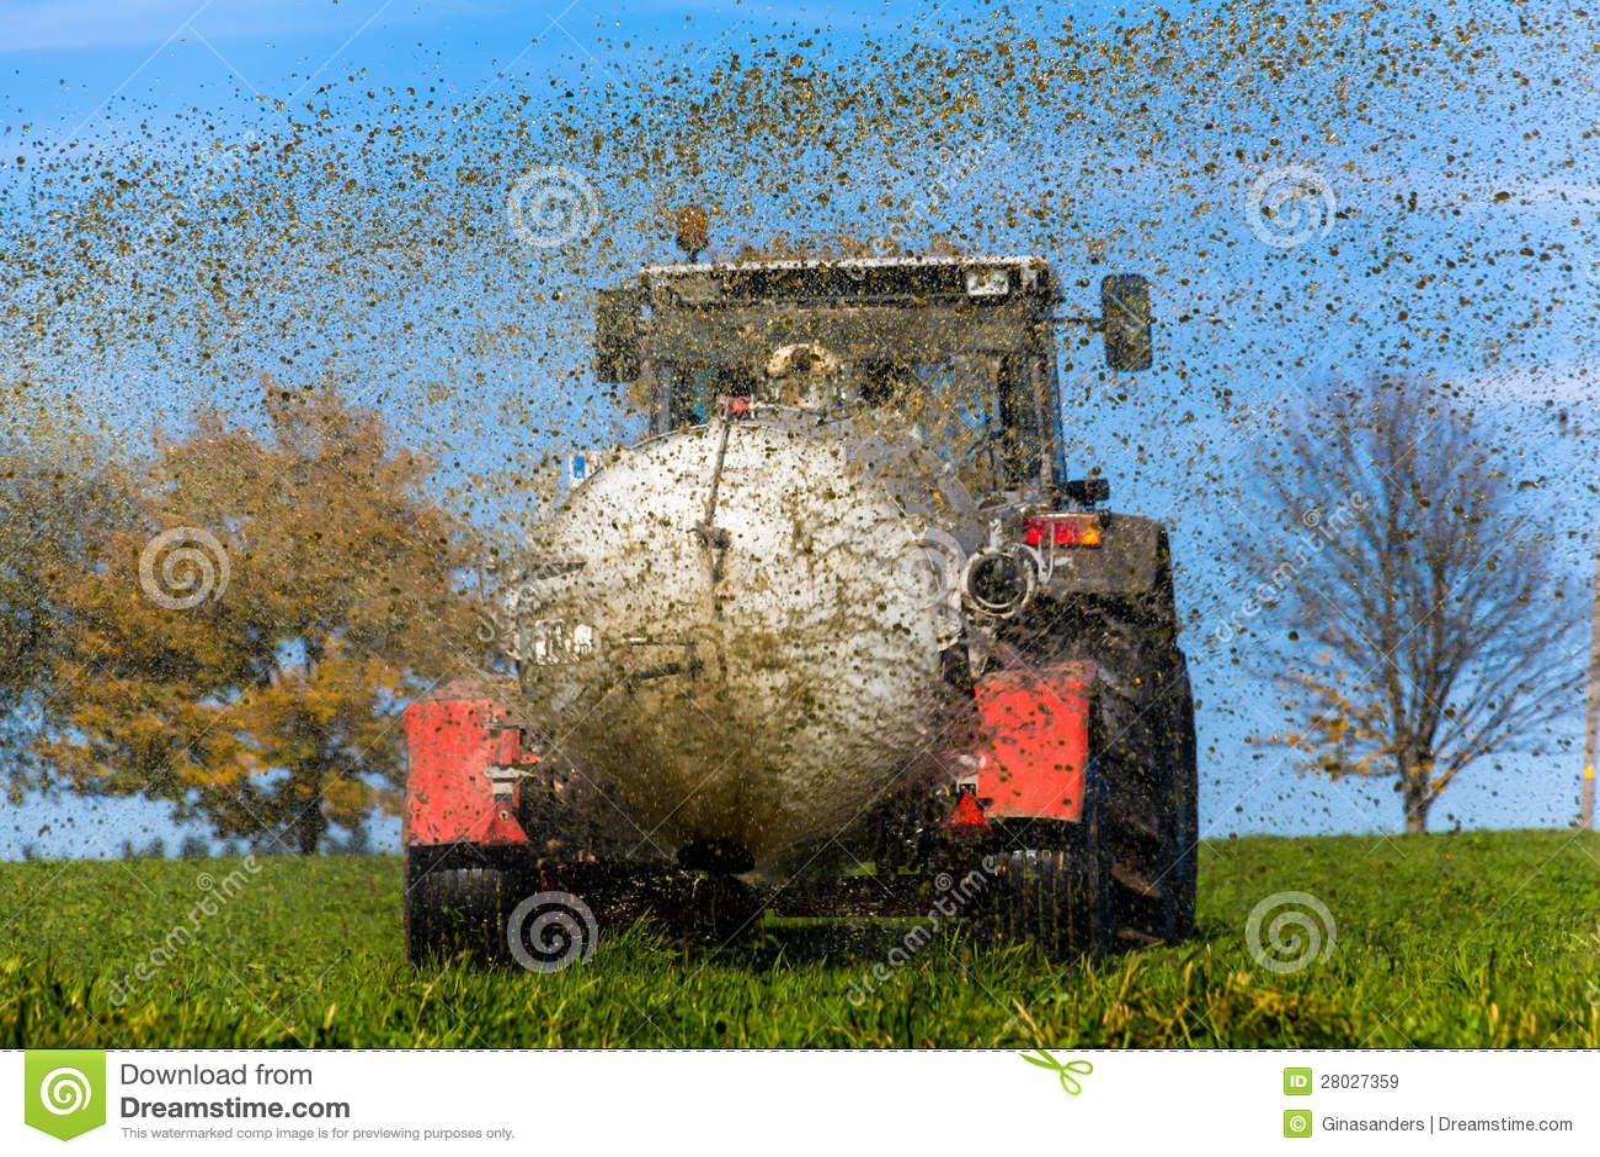 O trator fertiliza com estrume um campo